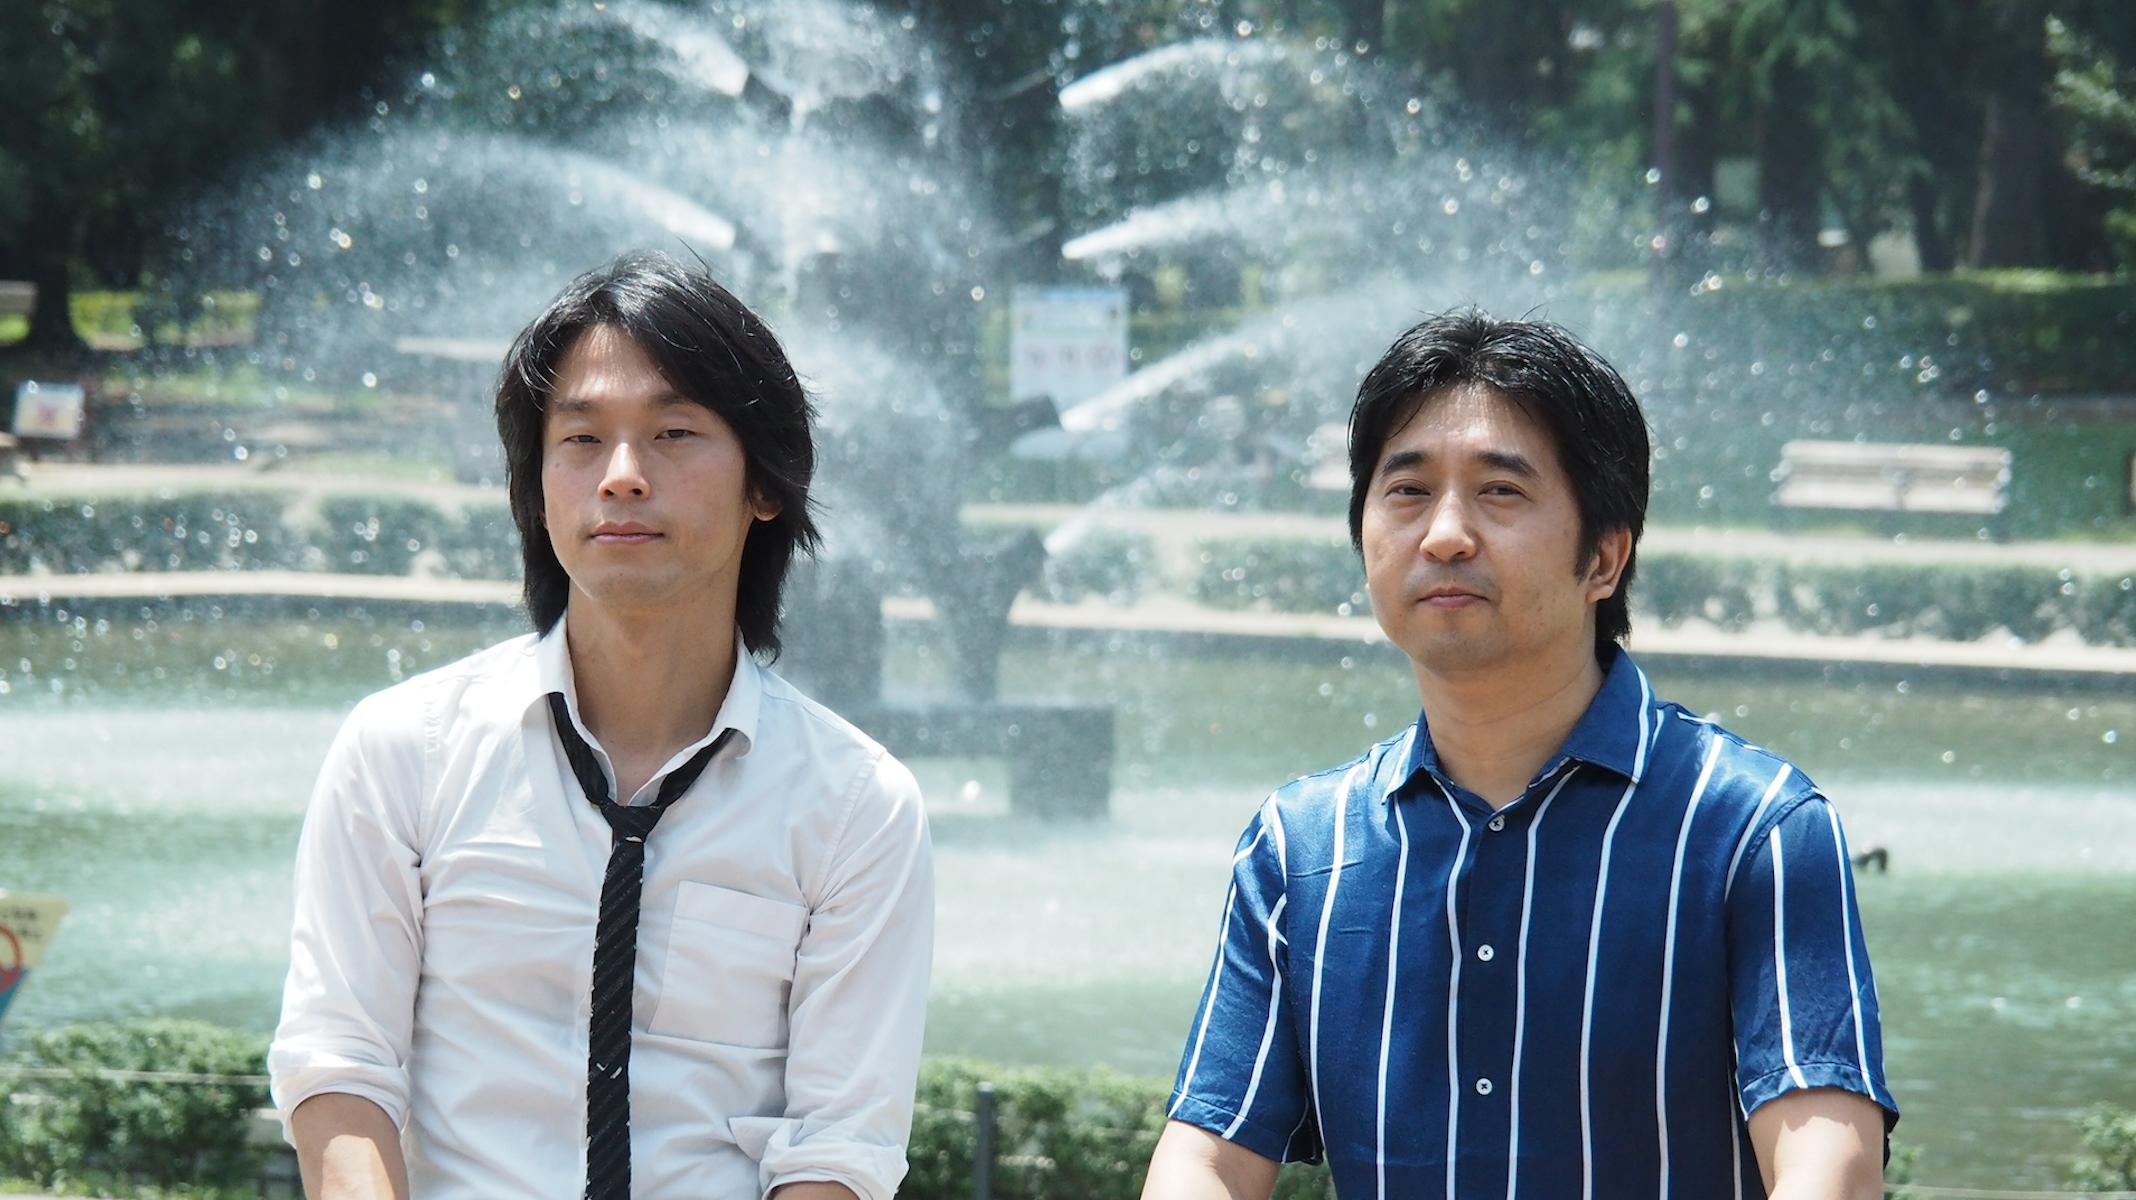 プロジェクトマネージャーの洪泰和と開発リーダーの四家和彦